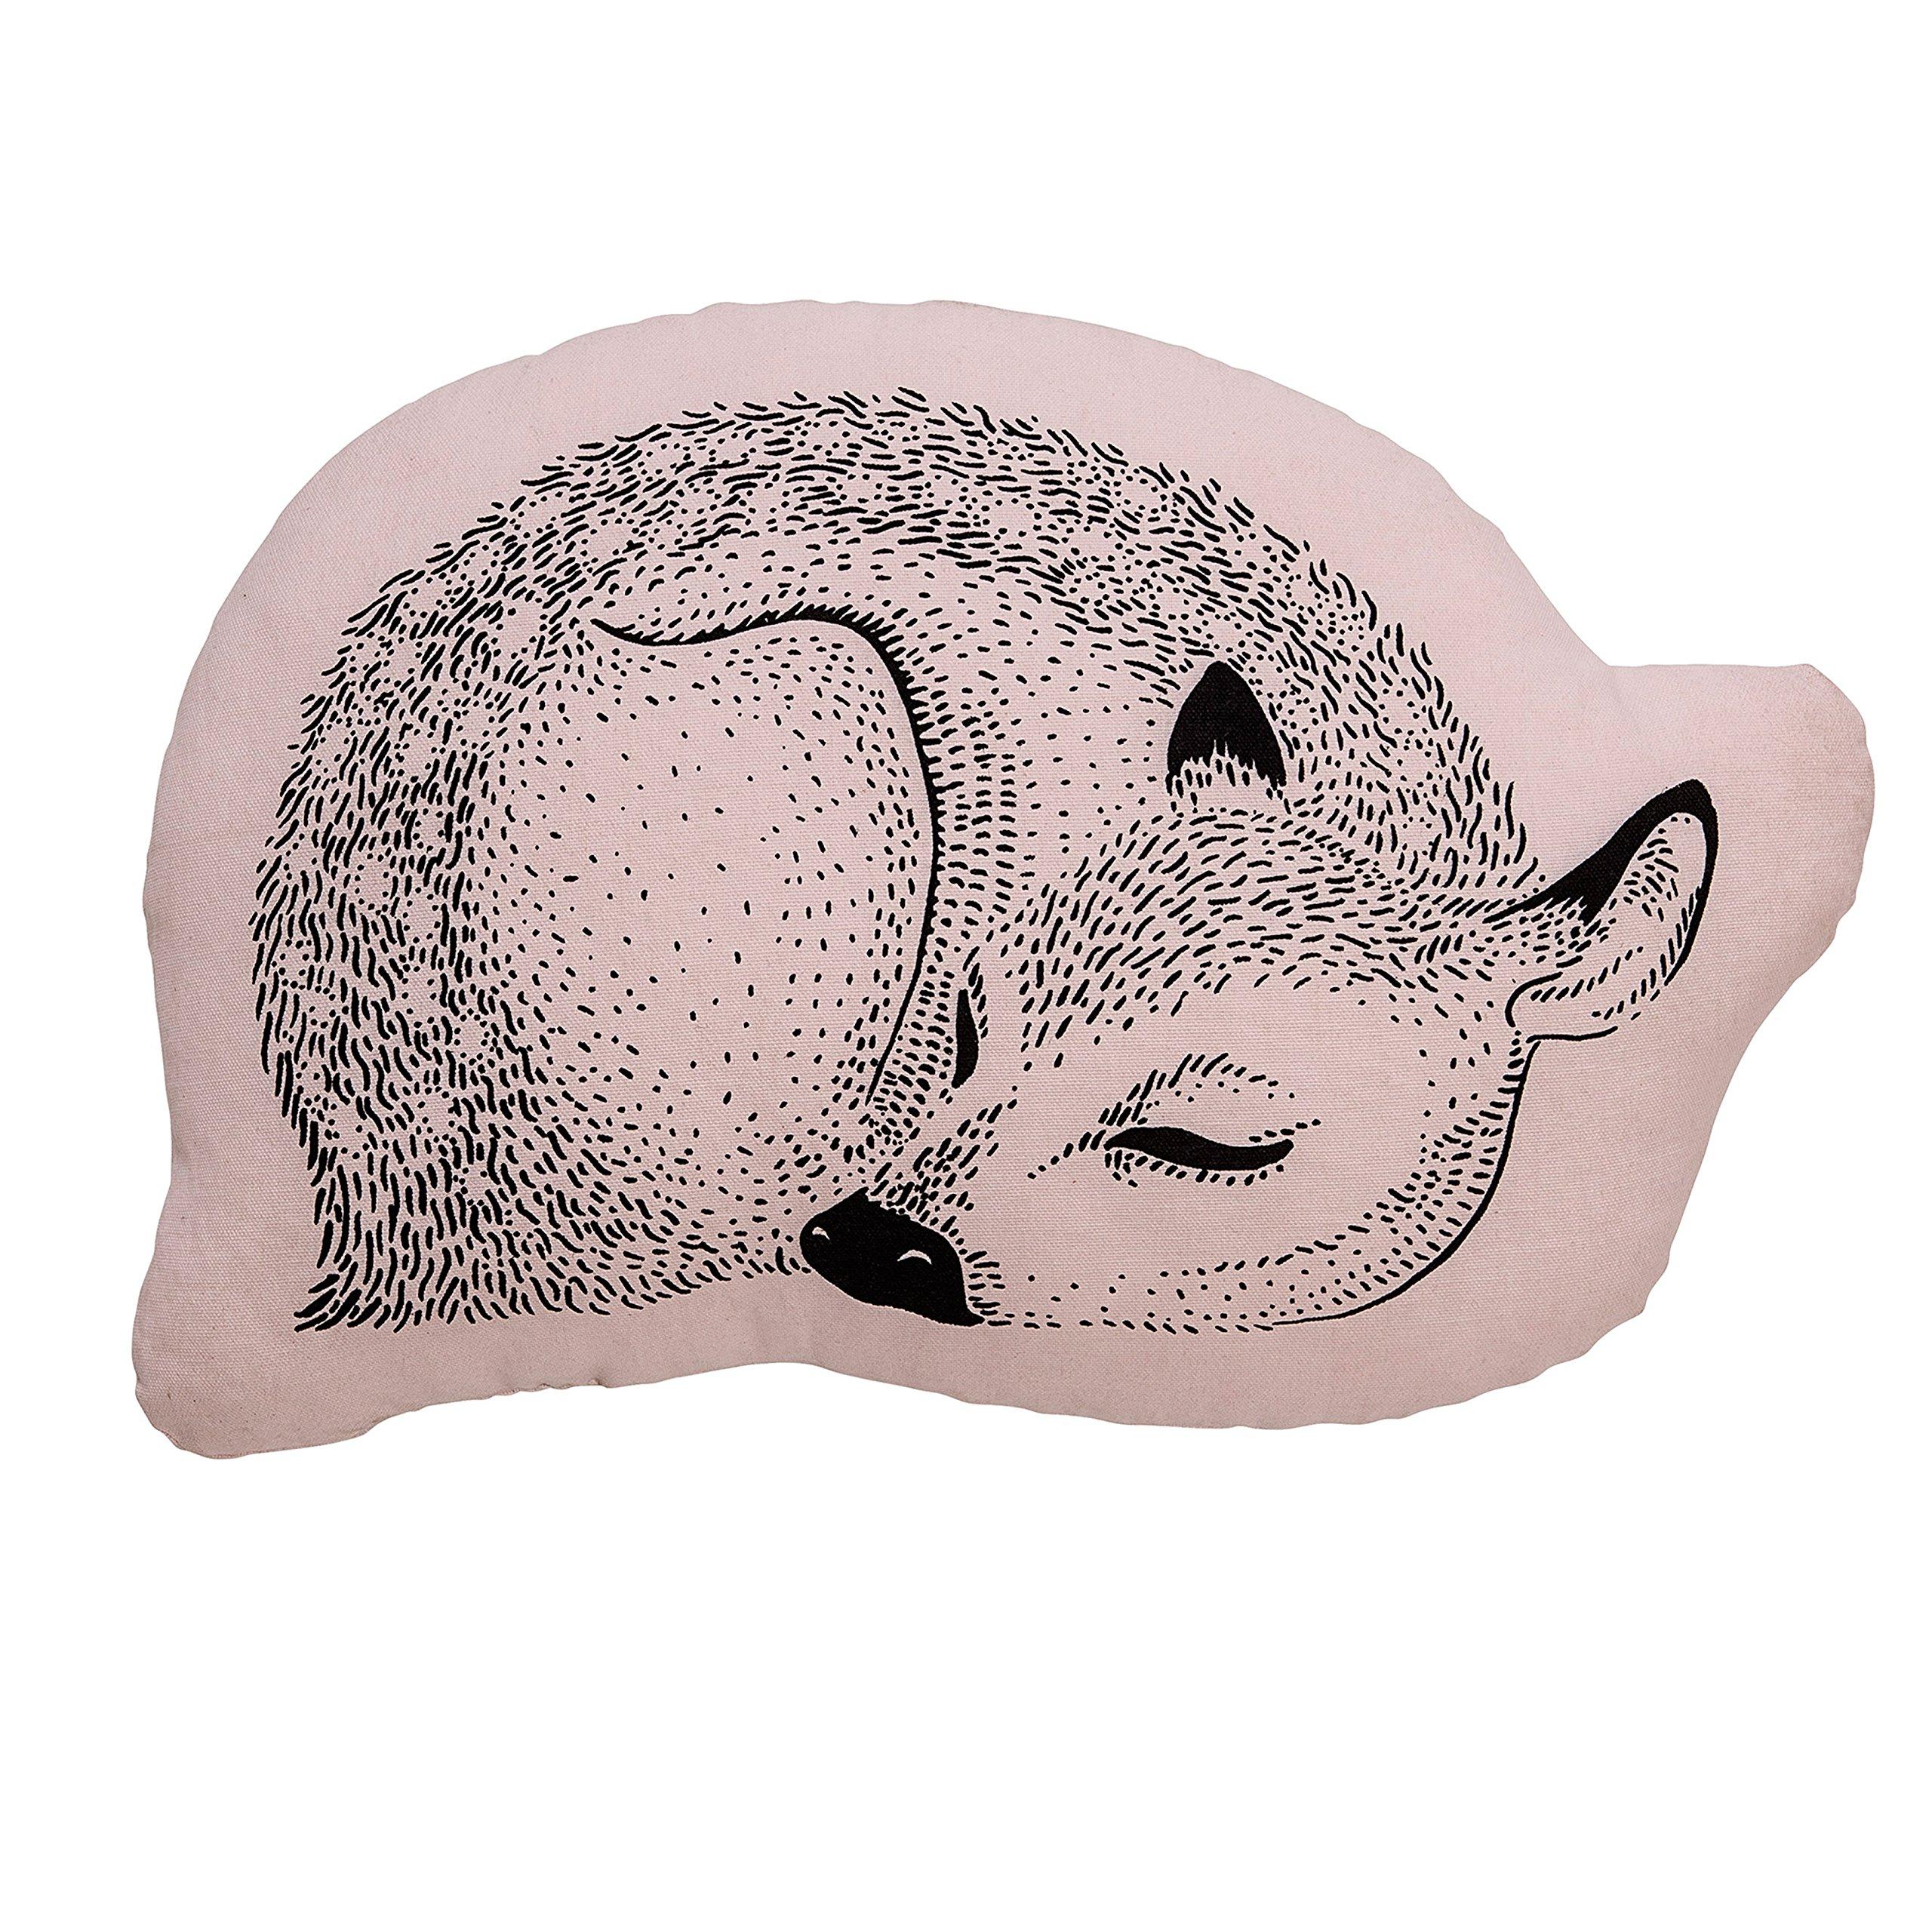 Bloomingville Sleeping Deer Pillow, Powder by Bloomingville